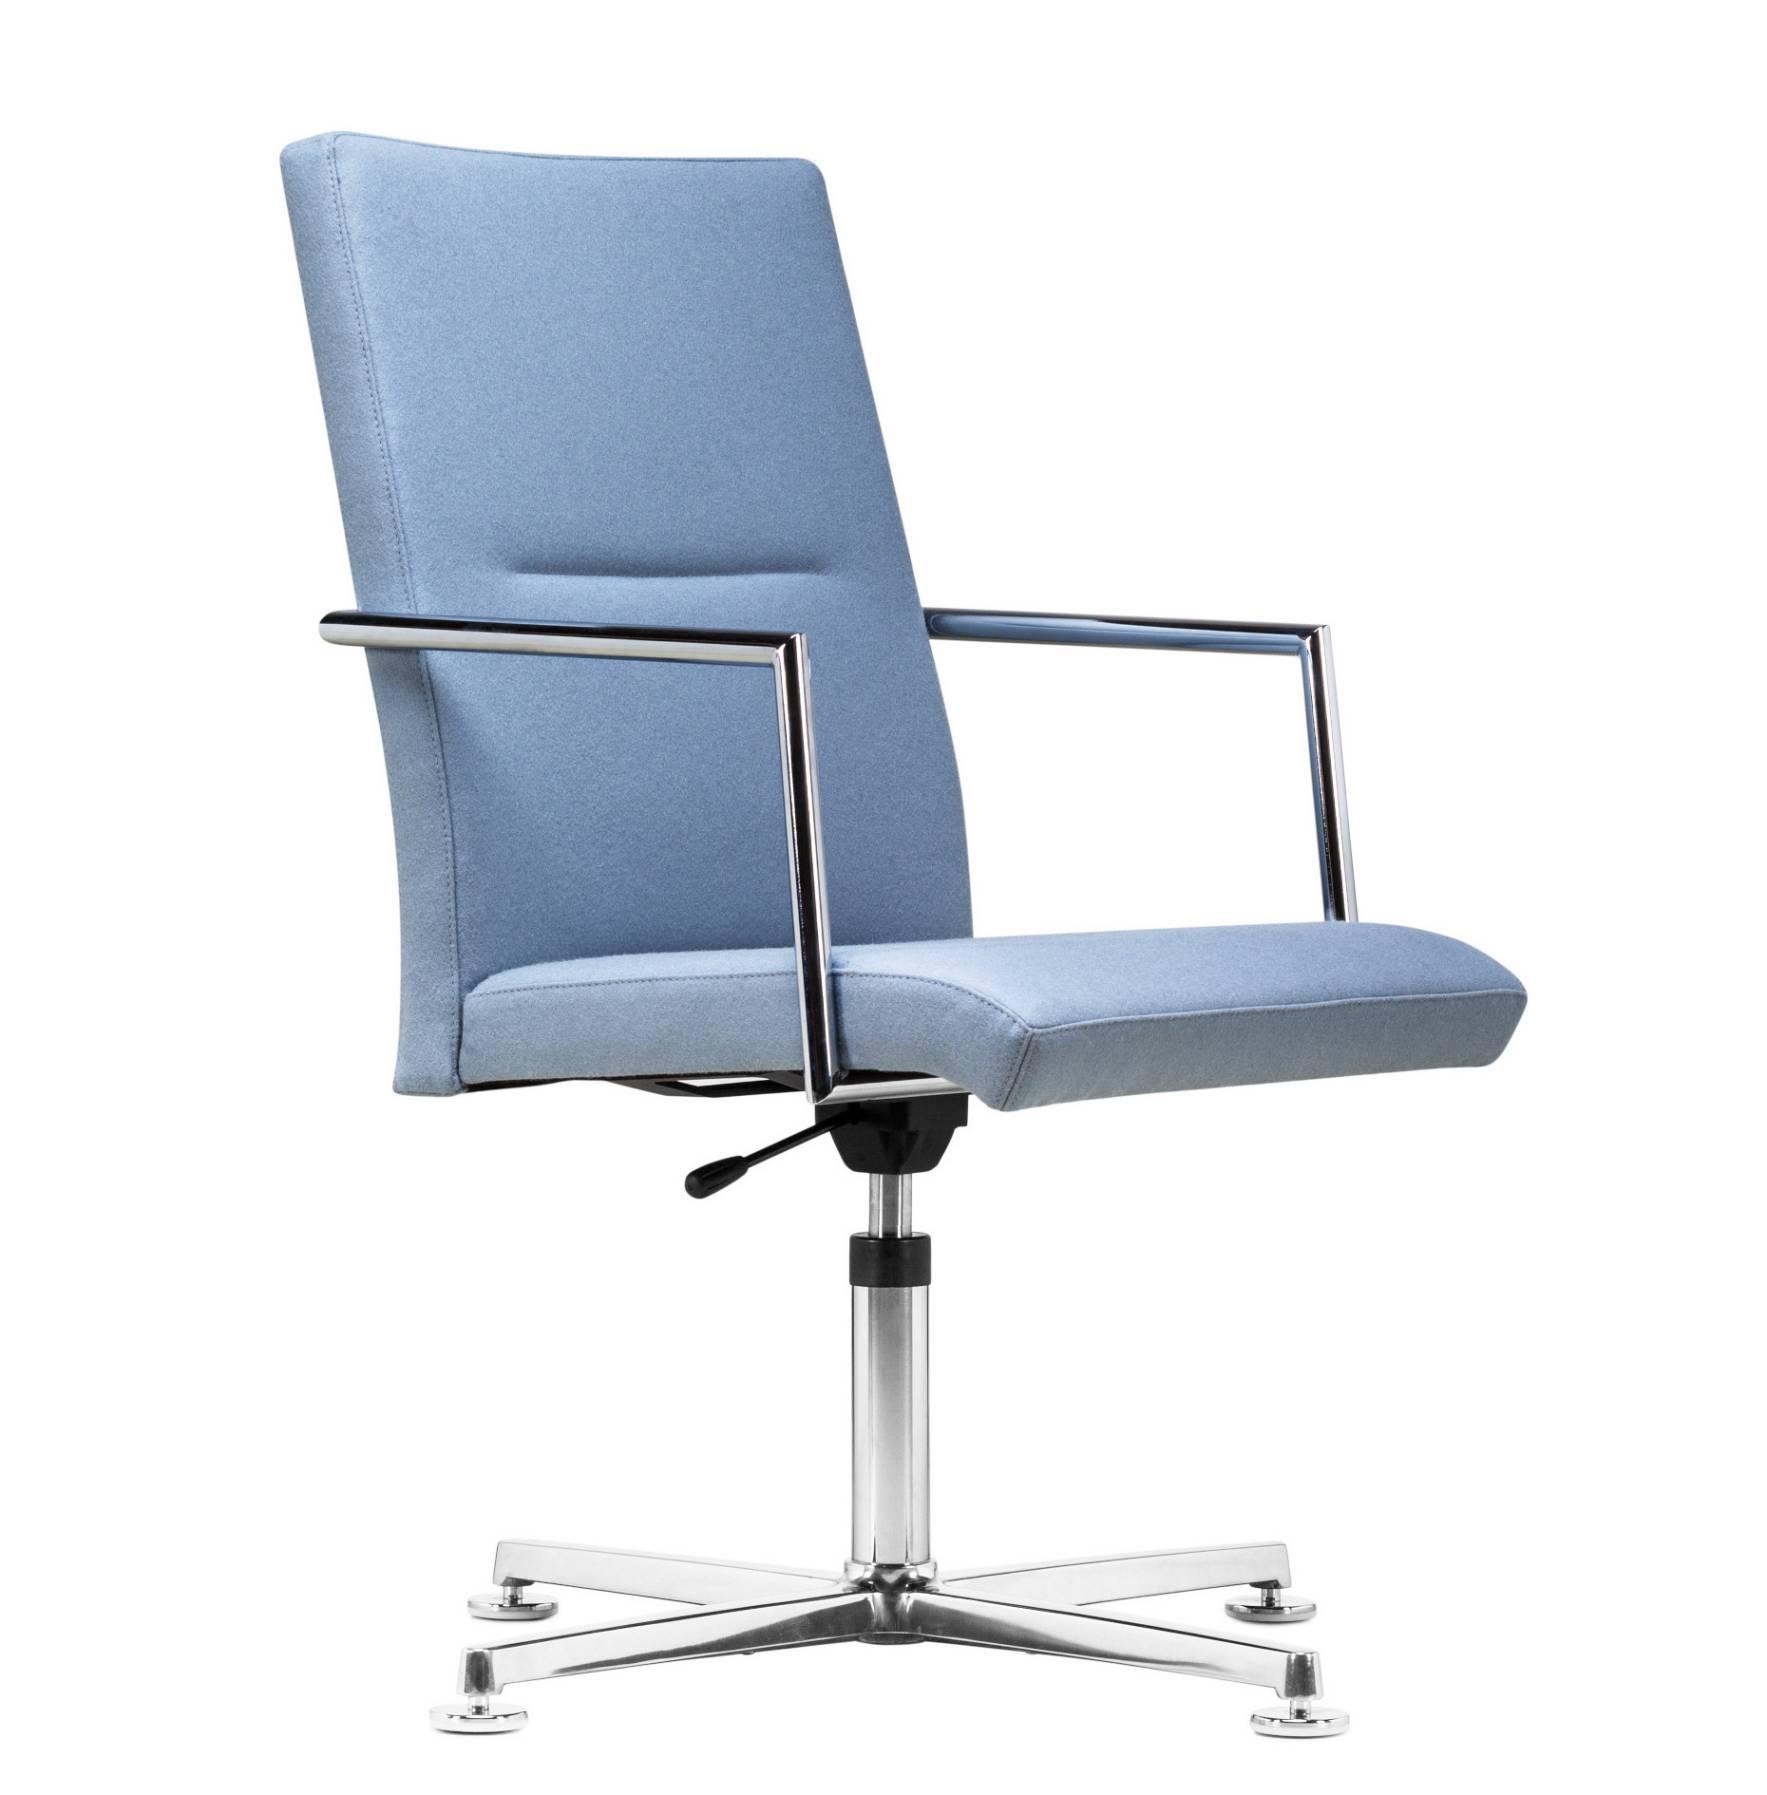 VANK Ranz Konferenzstuhl RZ500100 Büroeinrichtung